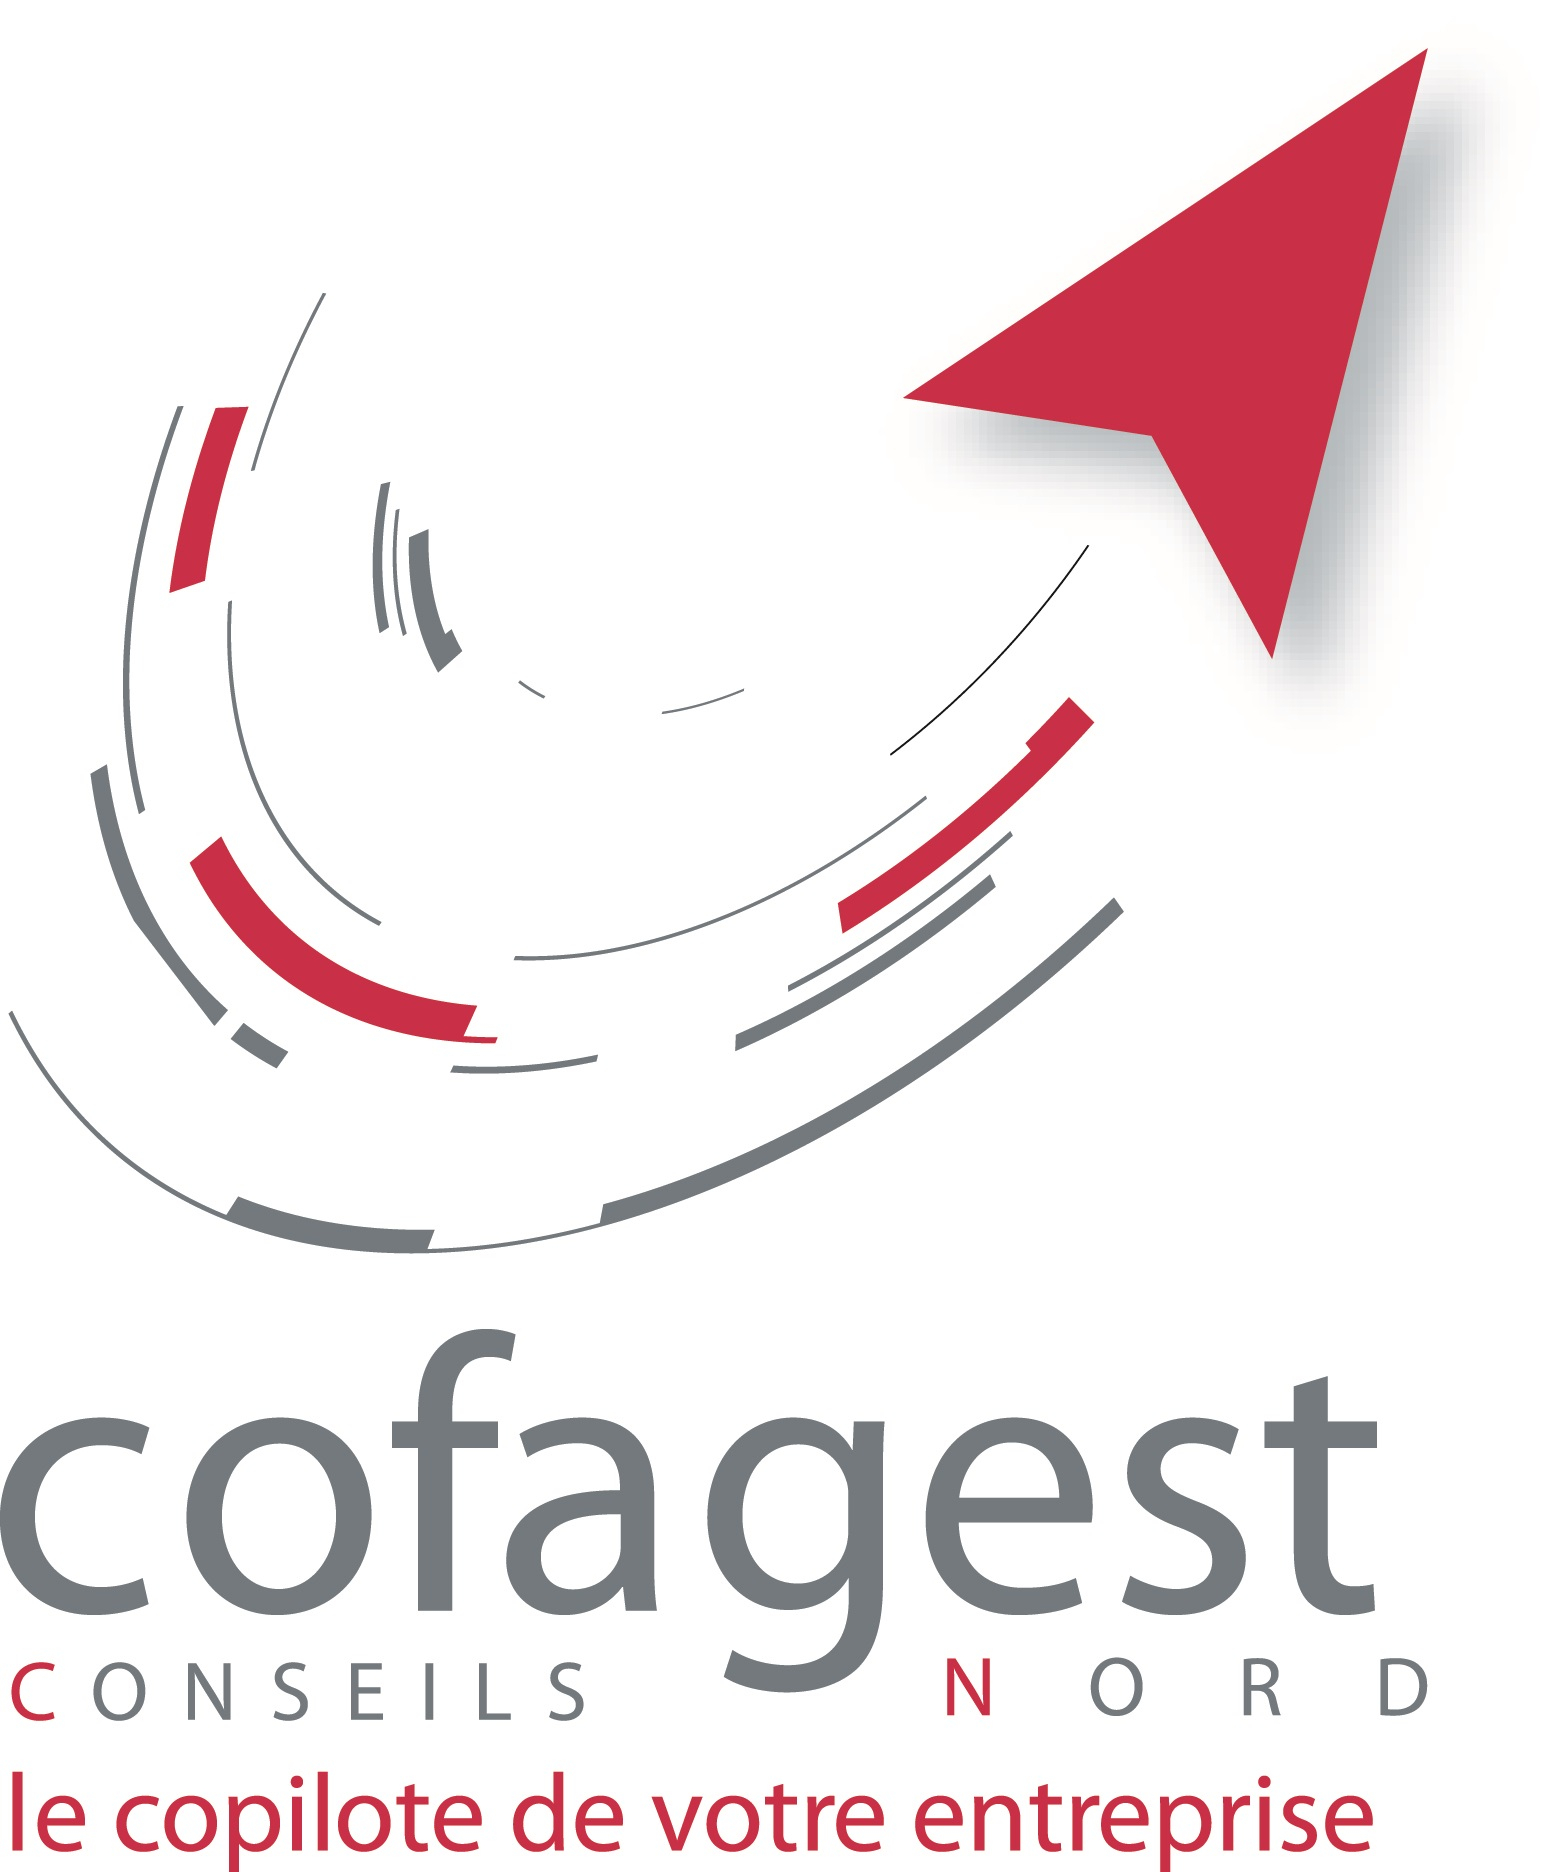 cofagest